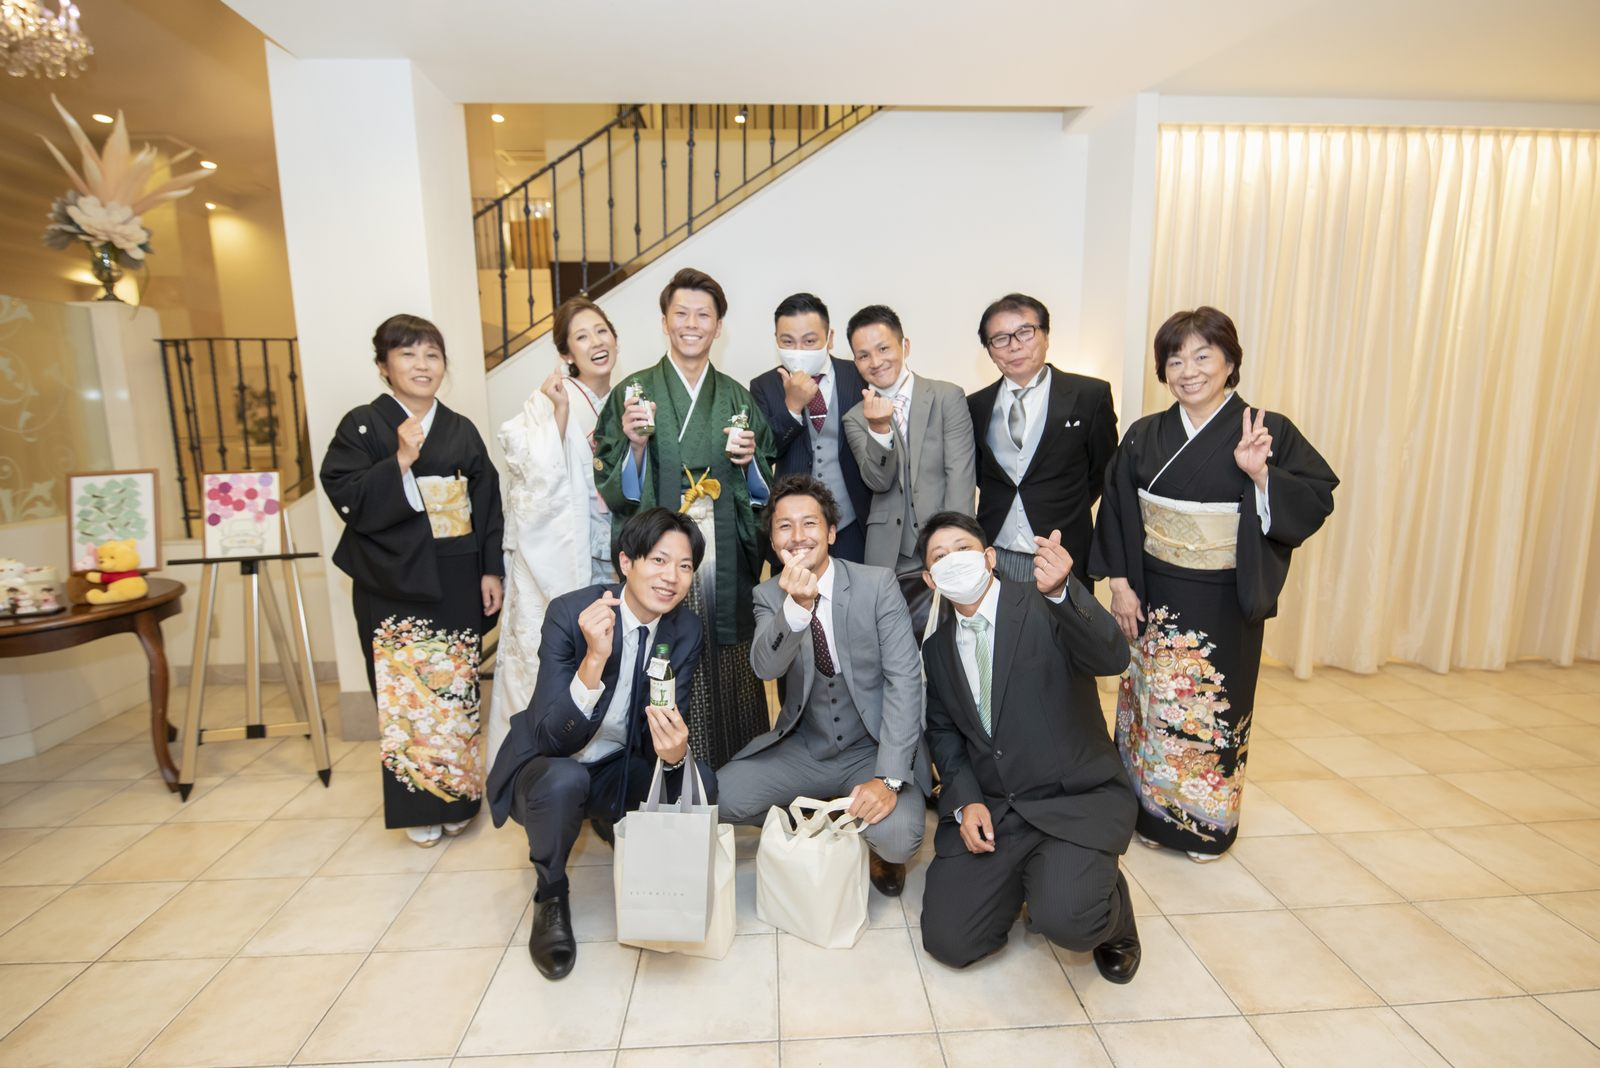 香川県の結婚式場シェルエメール&アイスタイルのお見送り